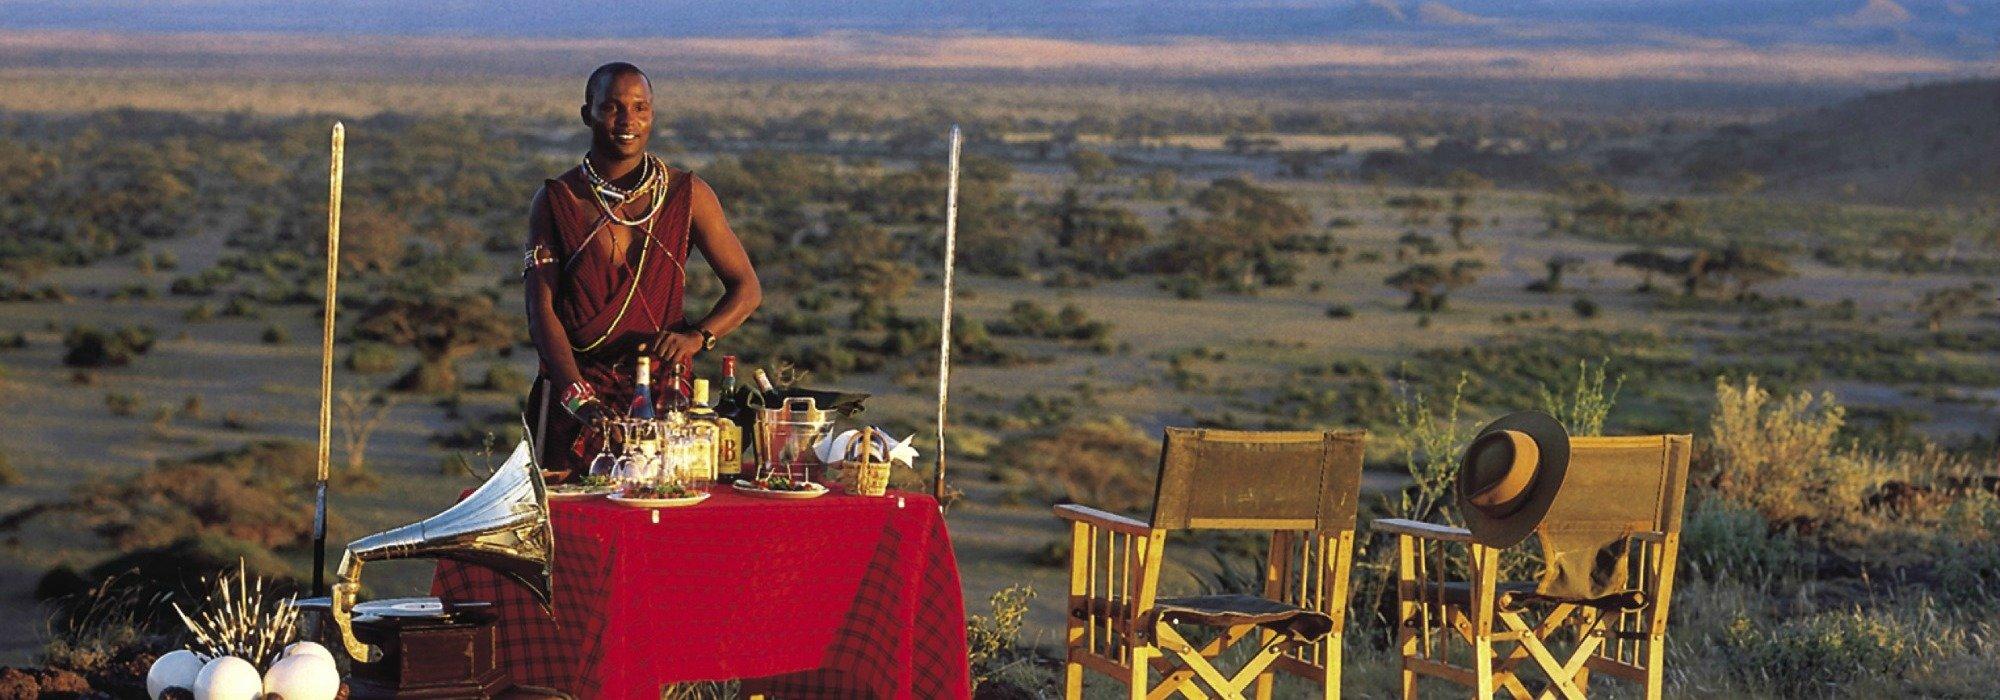 Sundowners at Tortilis Camp Amboseli